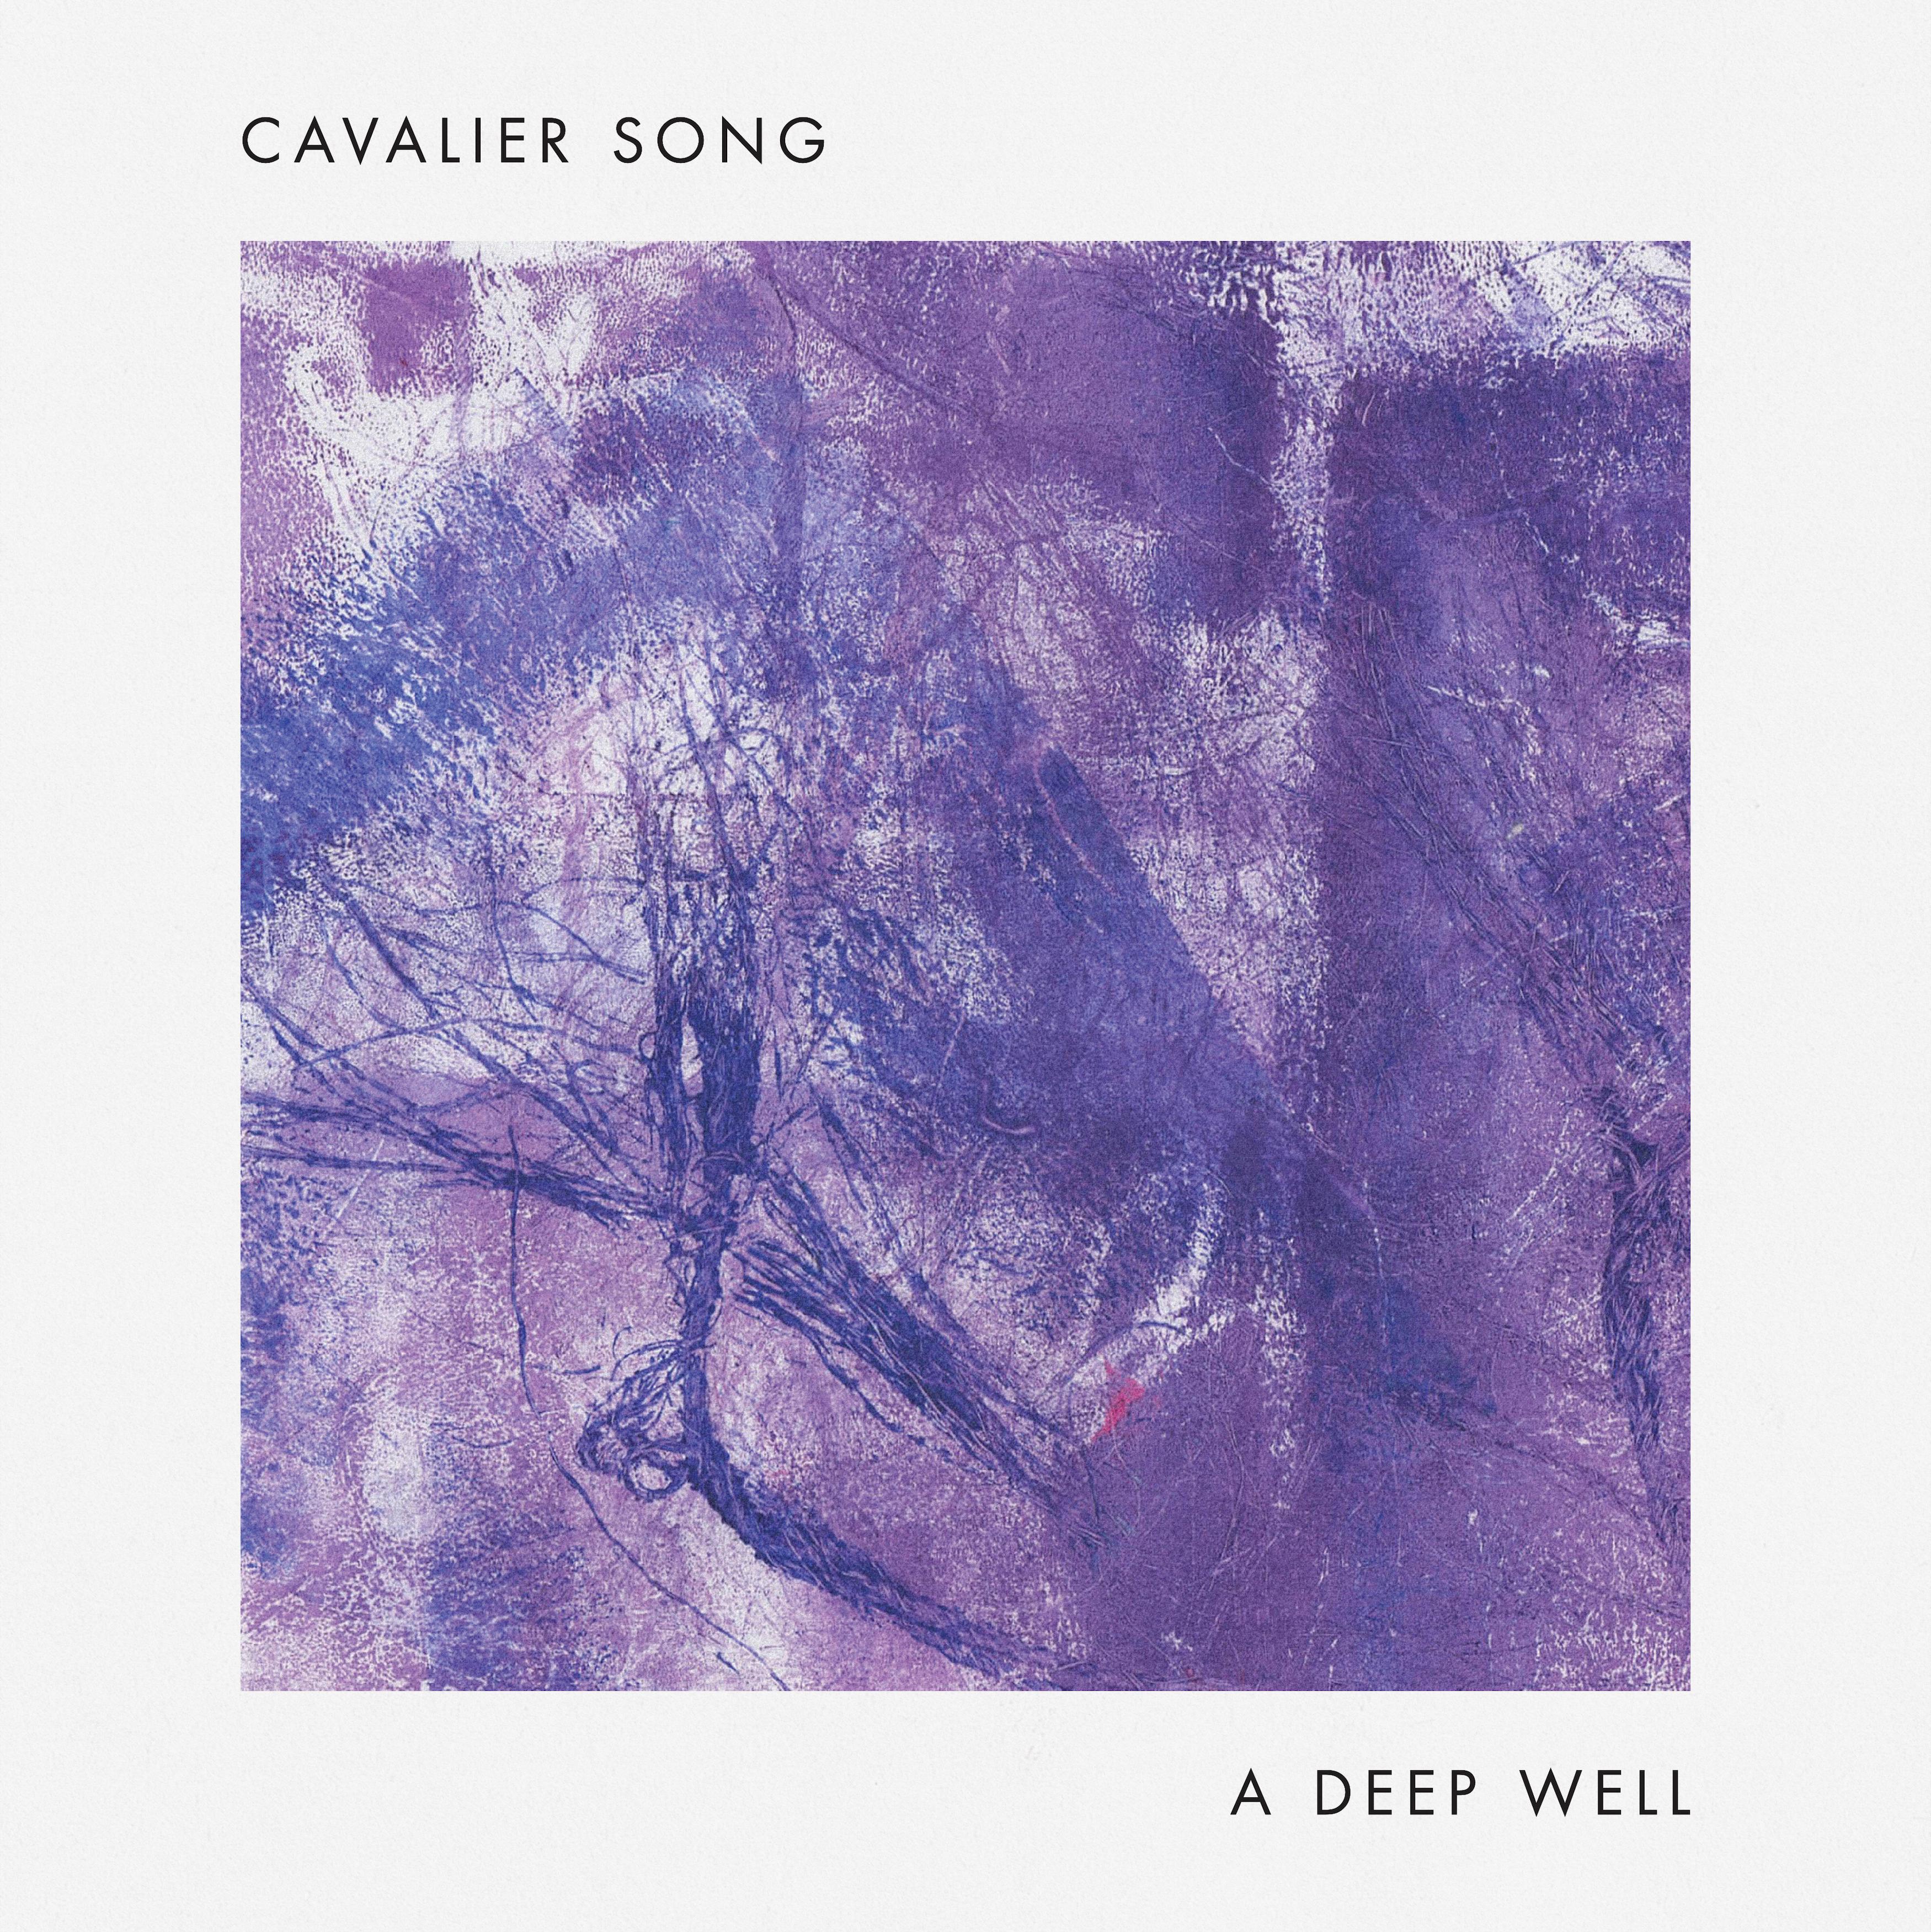 Cavalier song sleeve